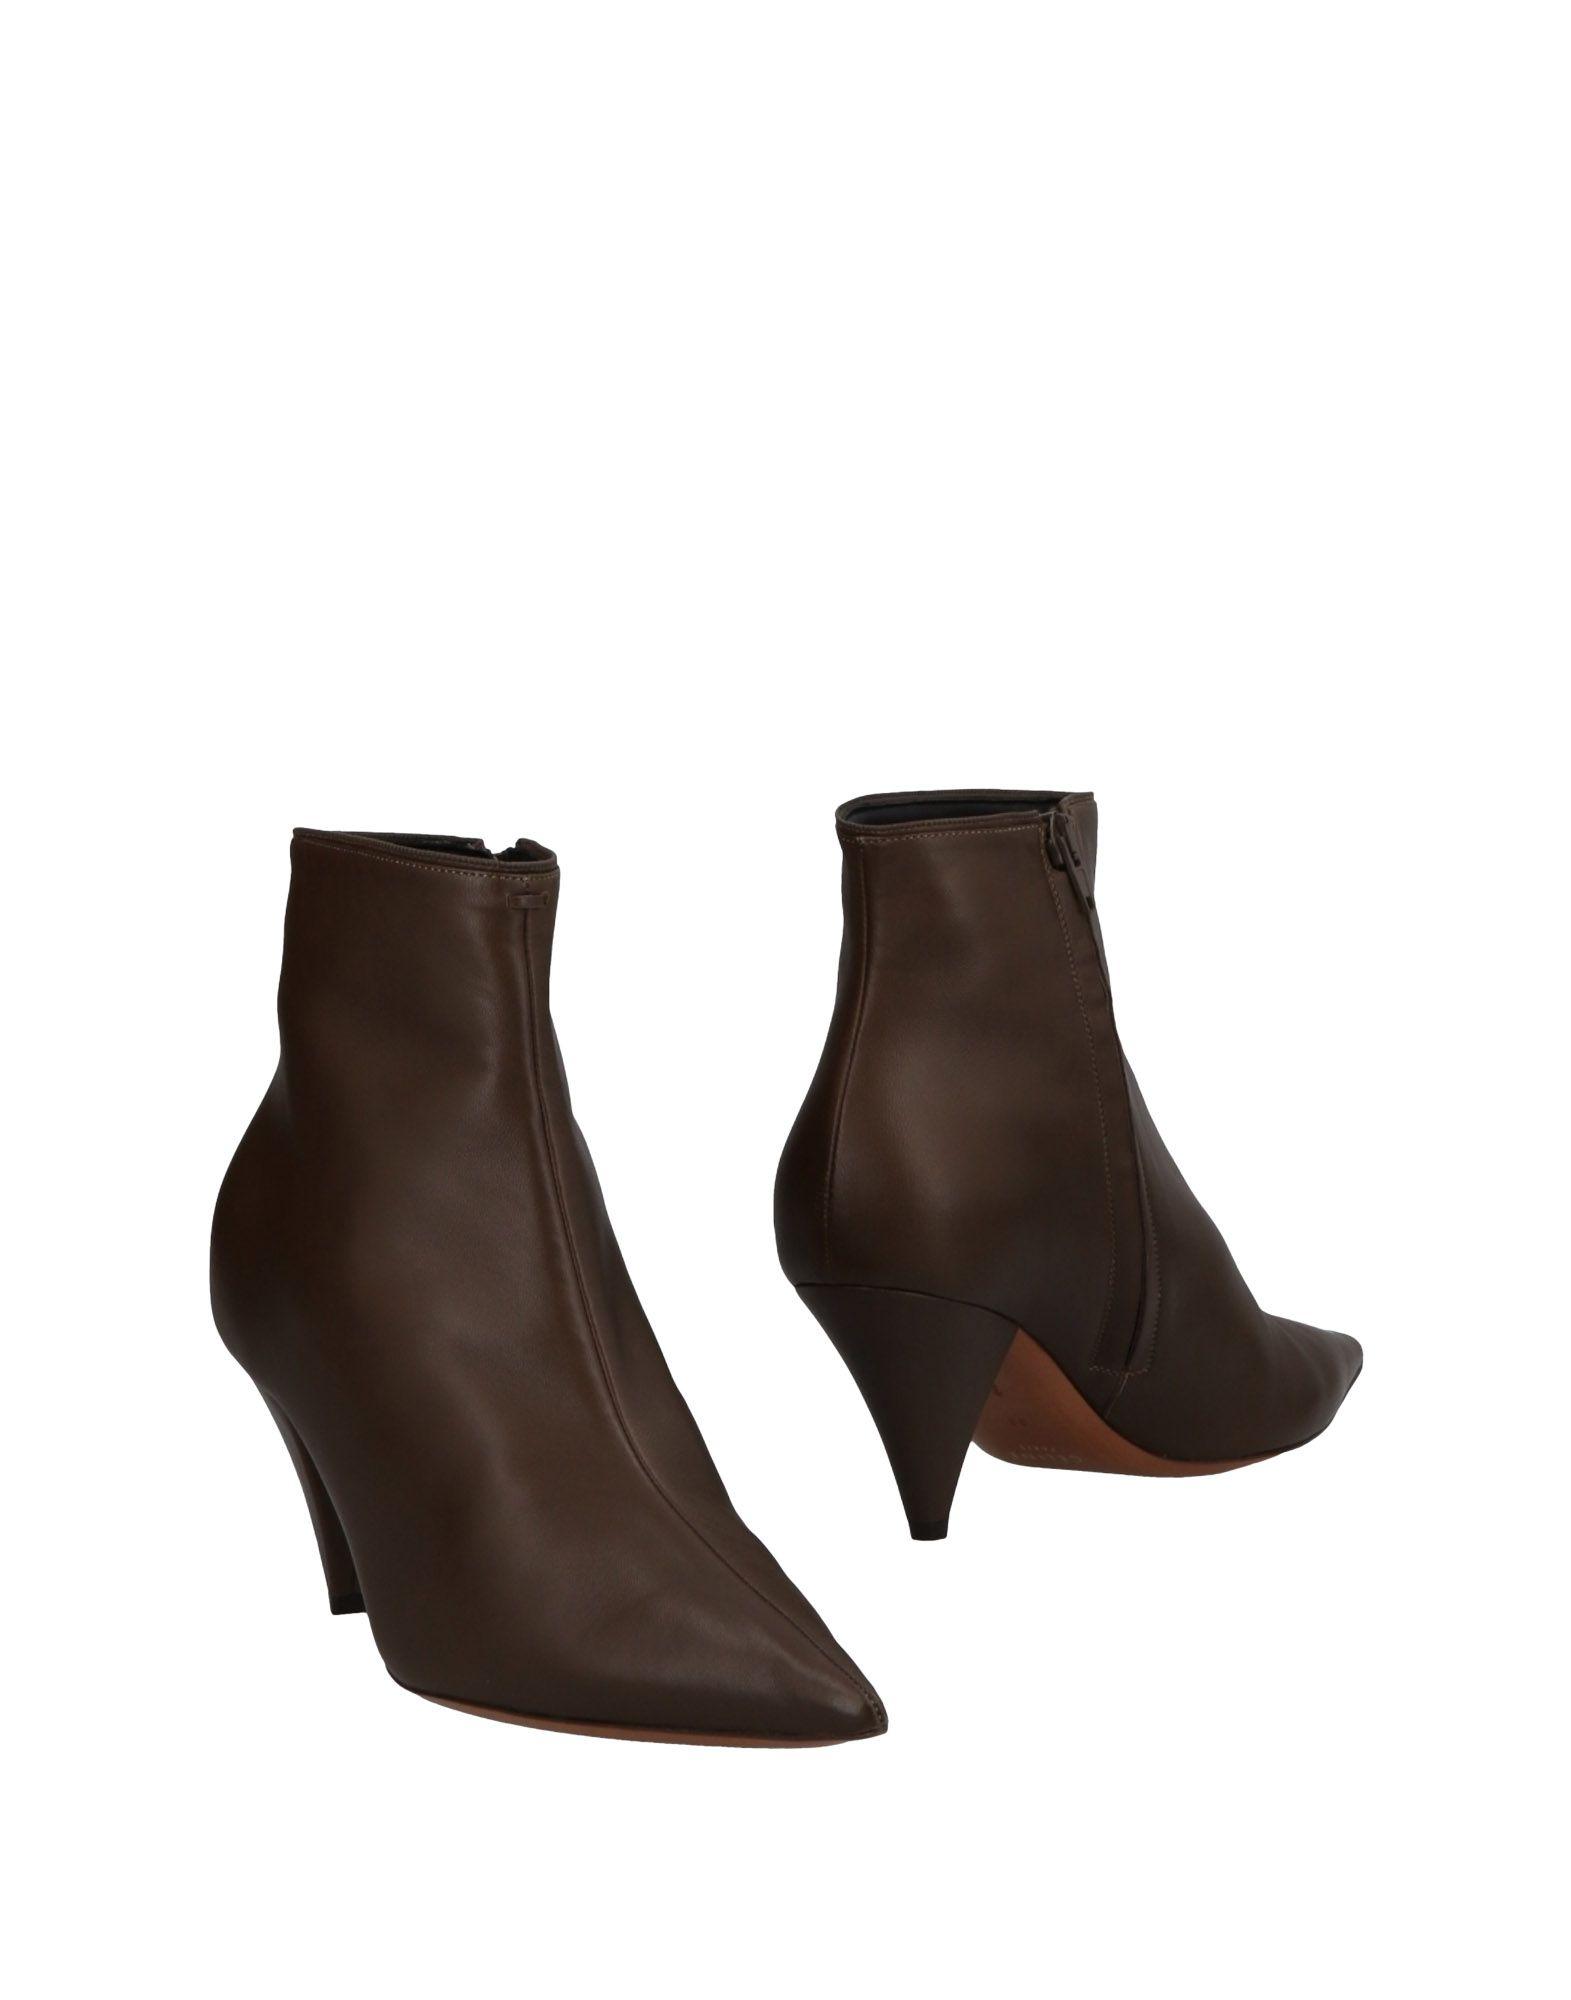 Céline Stiefelette Damen  11495693CJGünstige gut aussehende Schuhe